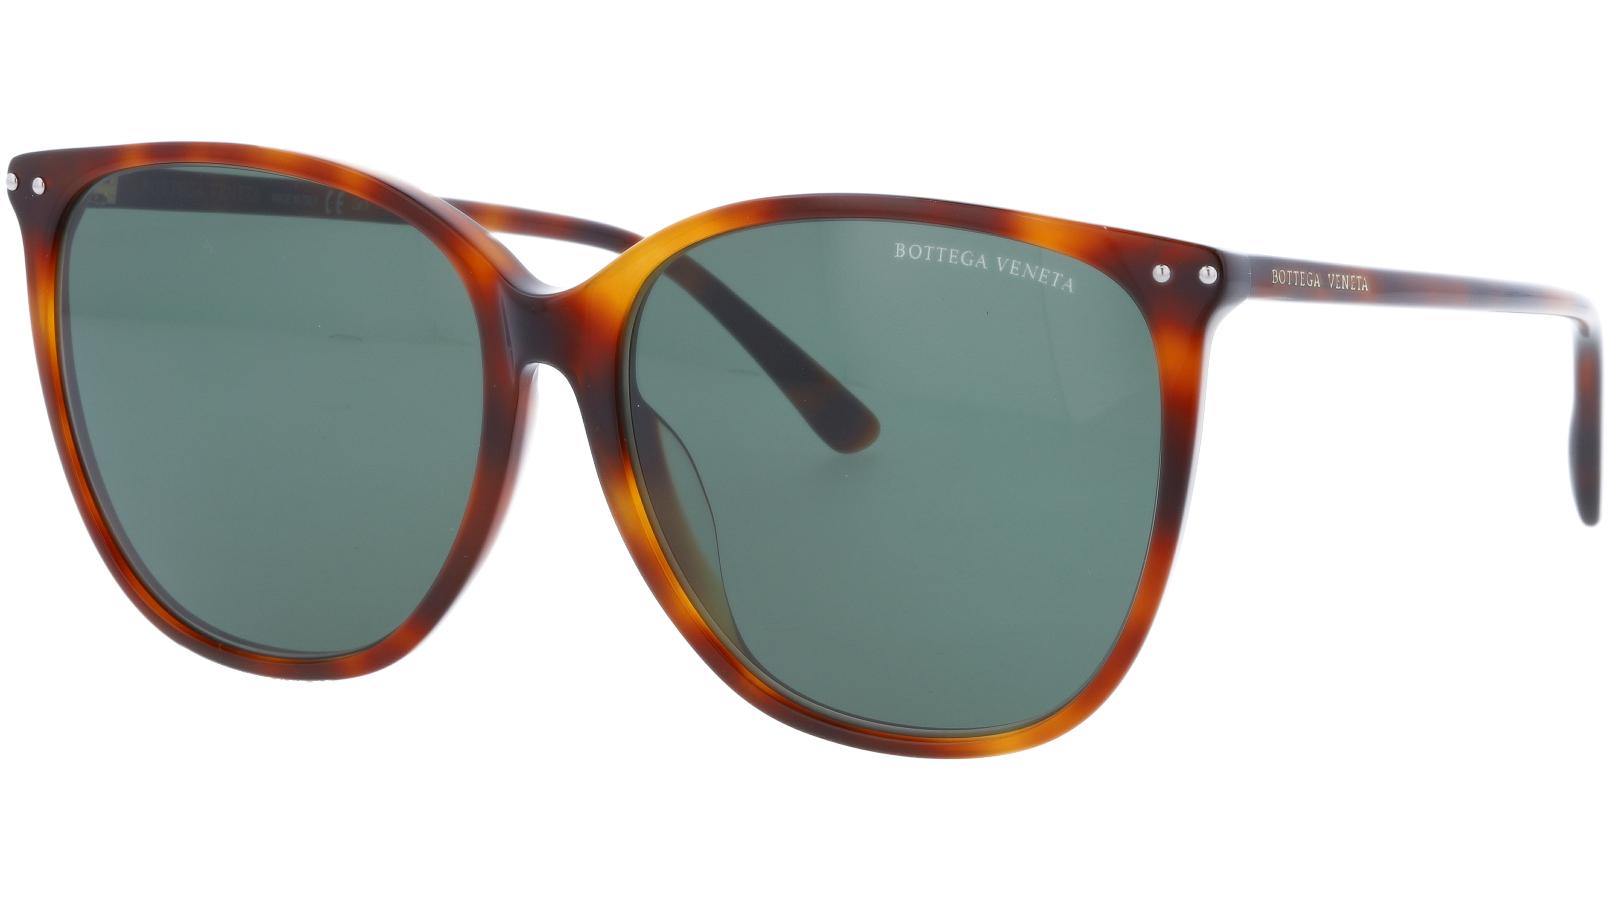 BOTTEGA VENETA BV0160SA 002 58 HAVANA Sunglasses